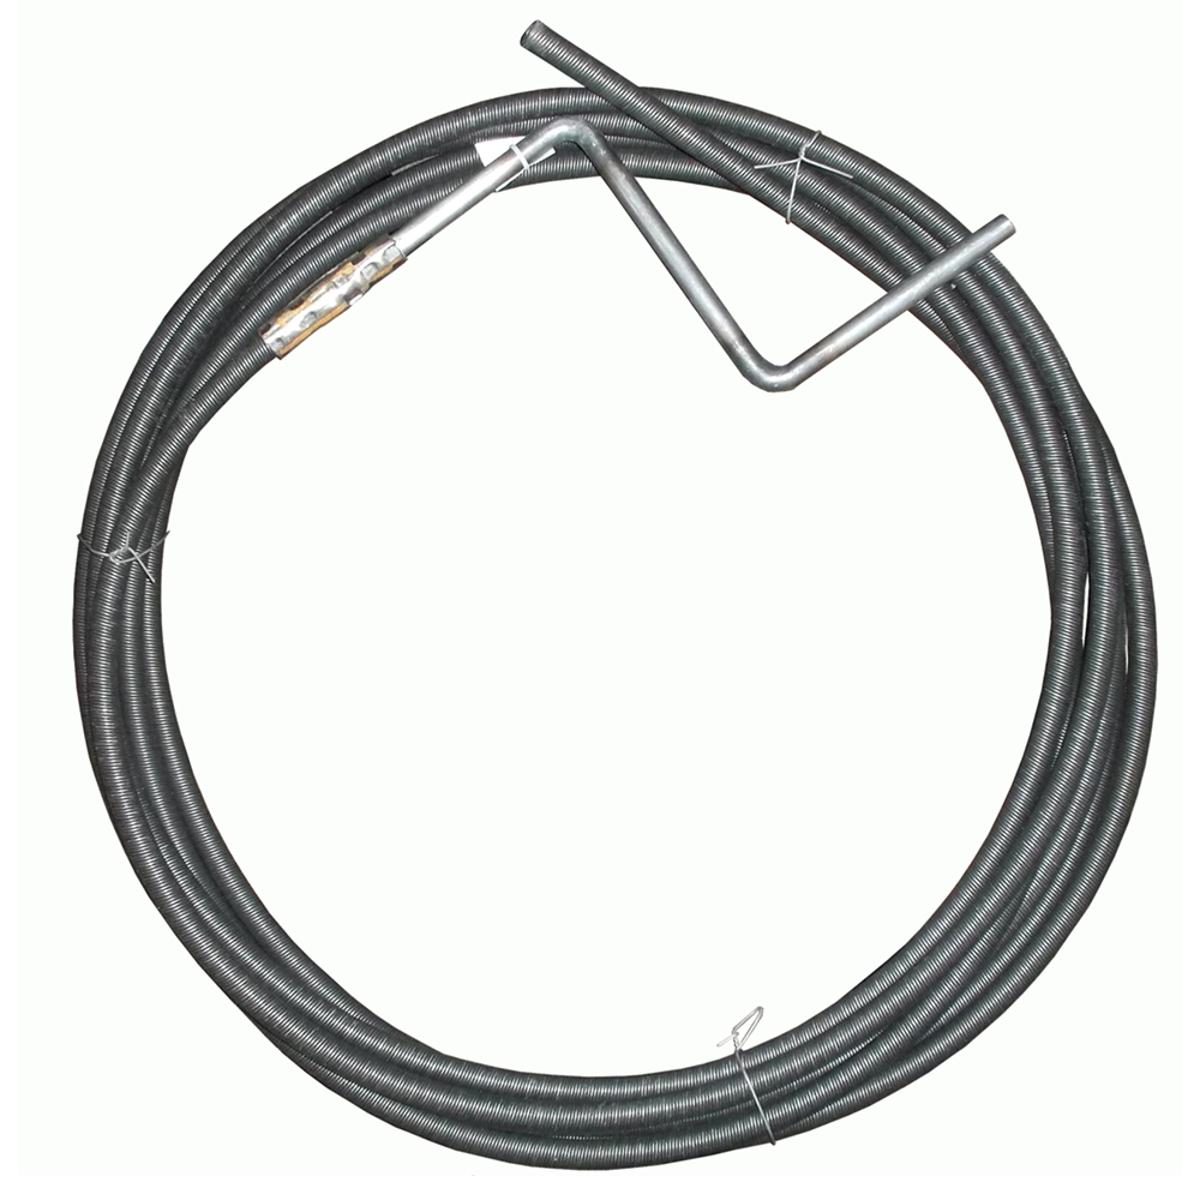 Трос для прочистки канализационных труб Masterprof, пружинный, 5,5 мм х 3 мV30 AC DCПружинный трос Masterprof предназначен для прочистки канализационных труб.Диаметр: 5,5 мм.Длина 3 метра.